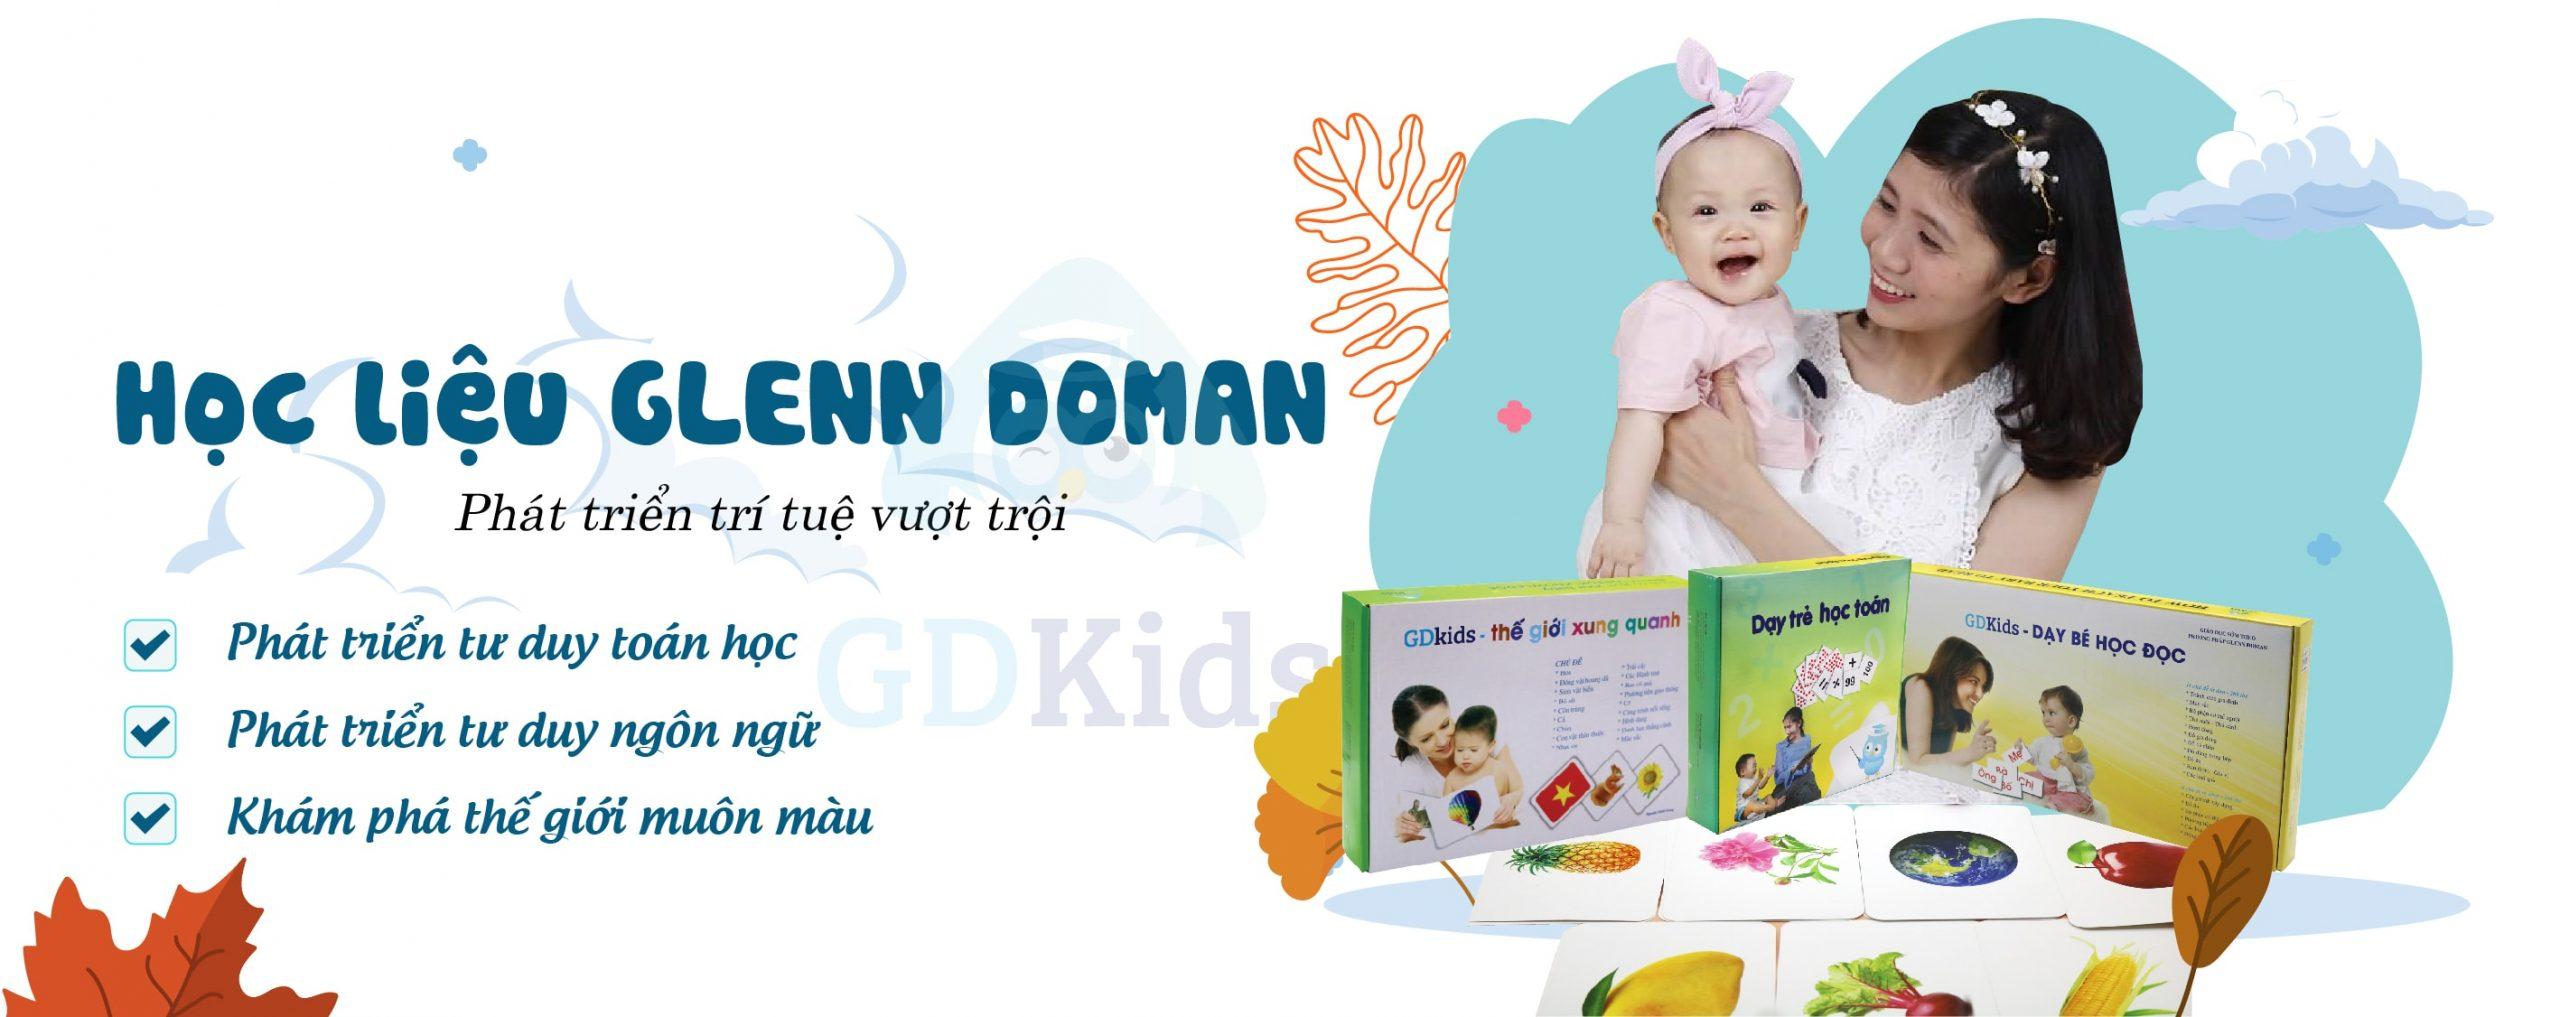 Banner web glenn doman